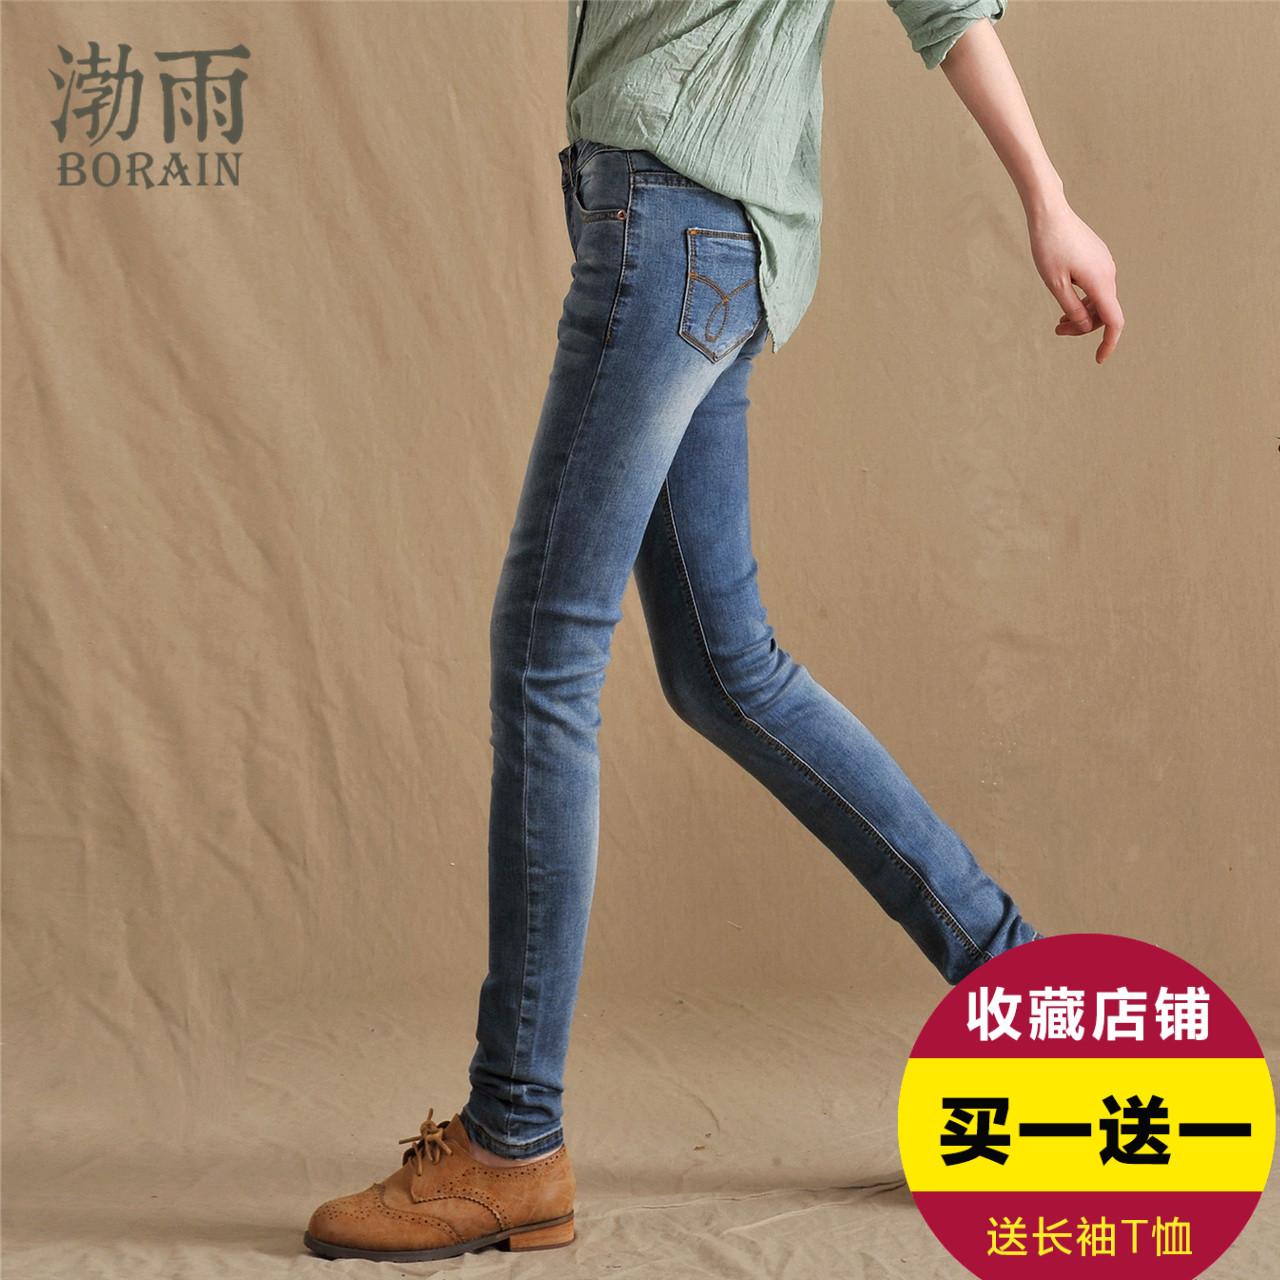 渤雨秋冬小脚裤女牛仔裤女士加绒铅笔裤韩版弹力大码显瘦修身长裤